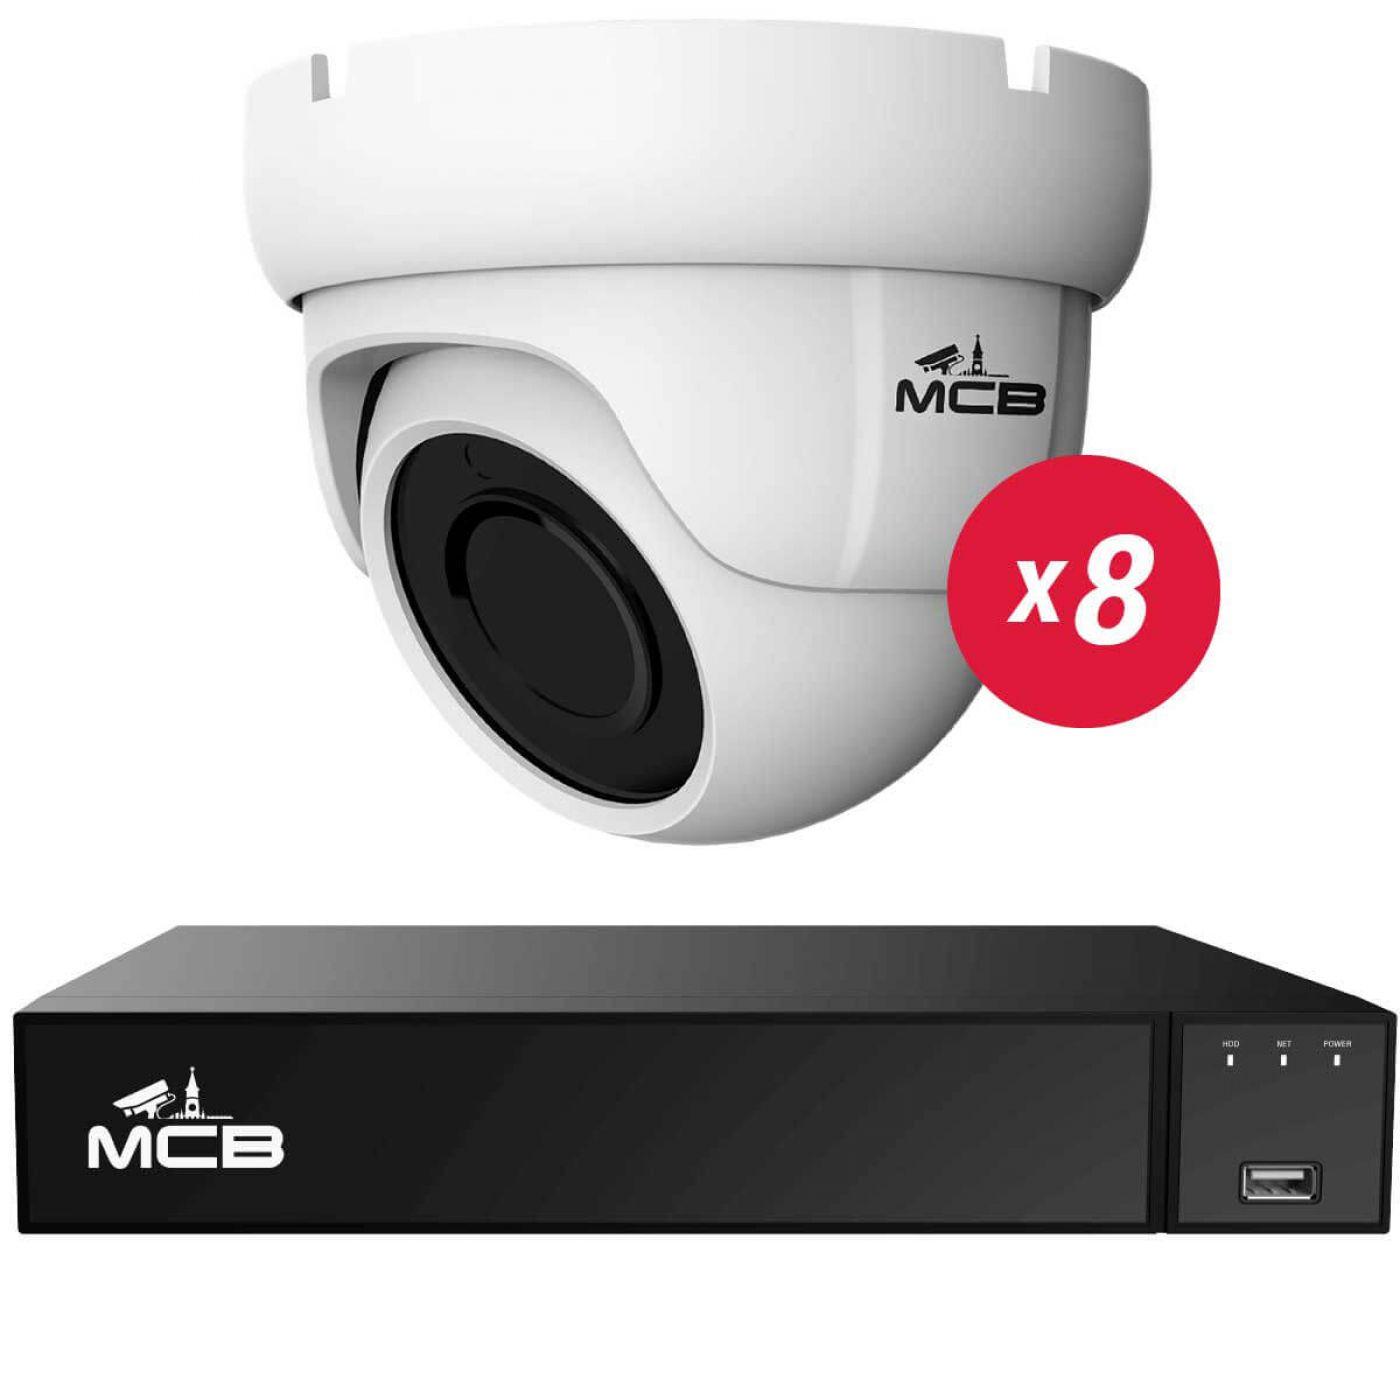 Готовый IP комплект видеонаблюдения на 8 Full HD камер со звуком